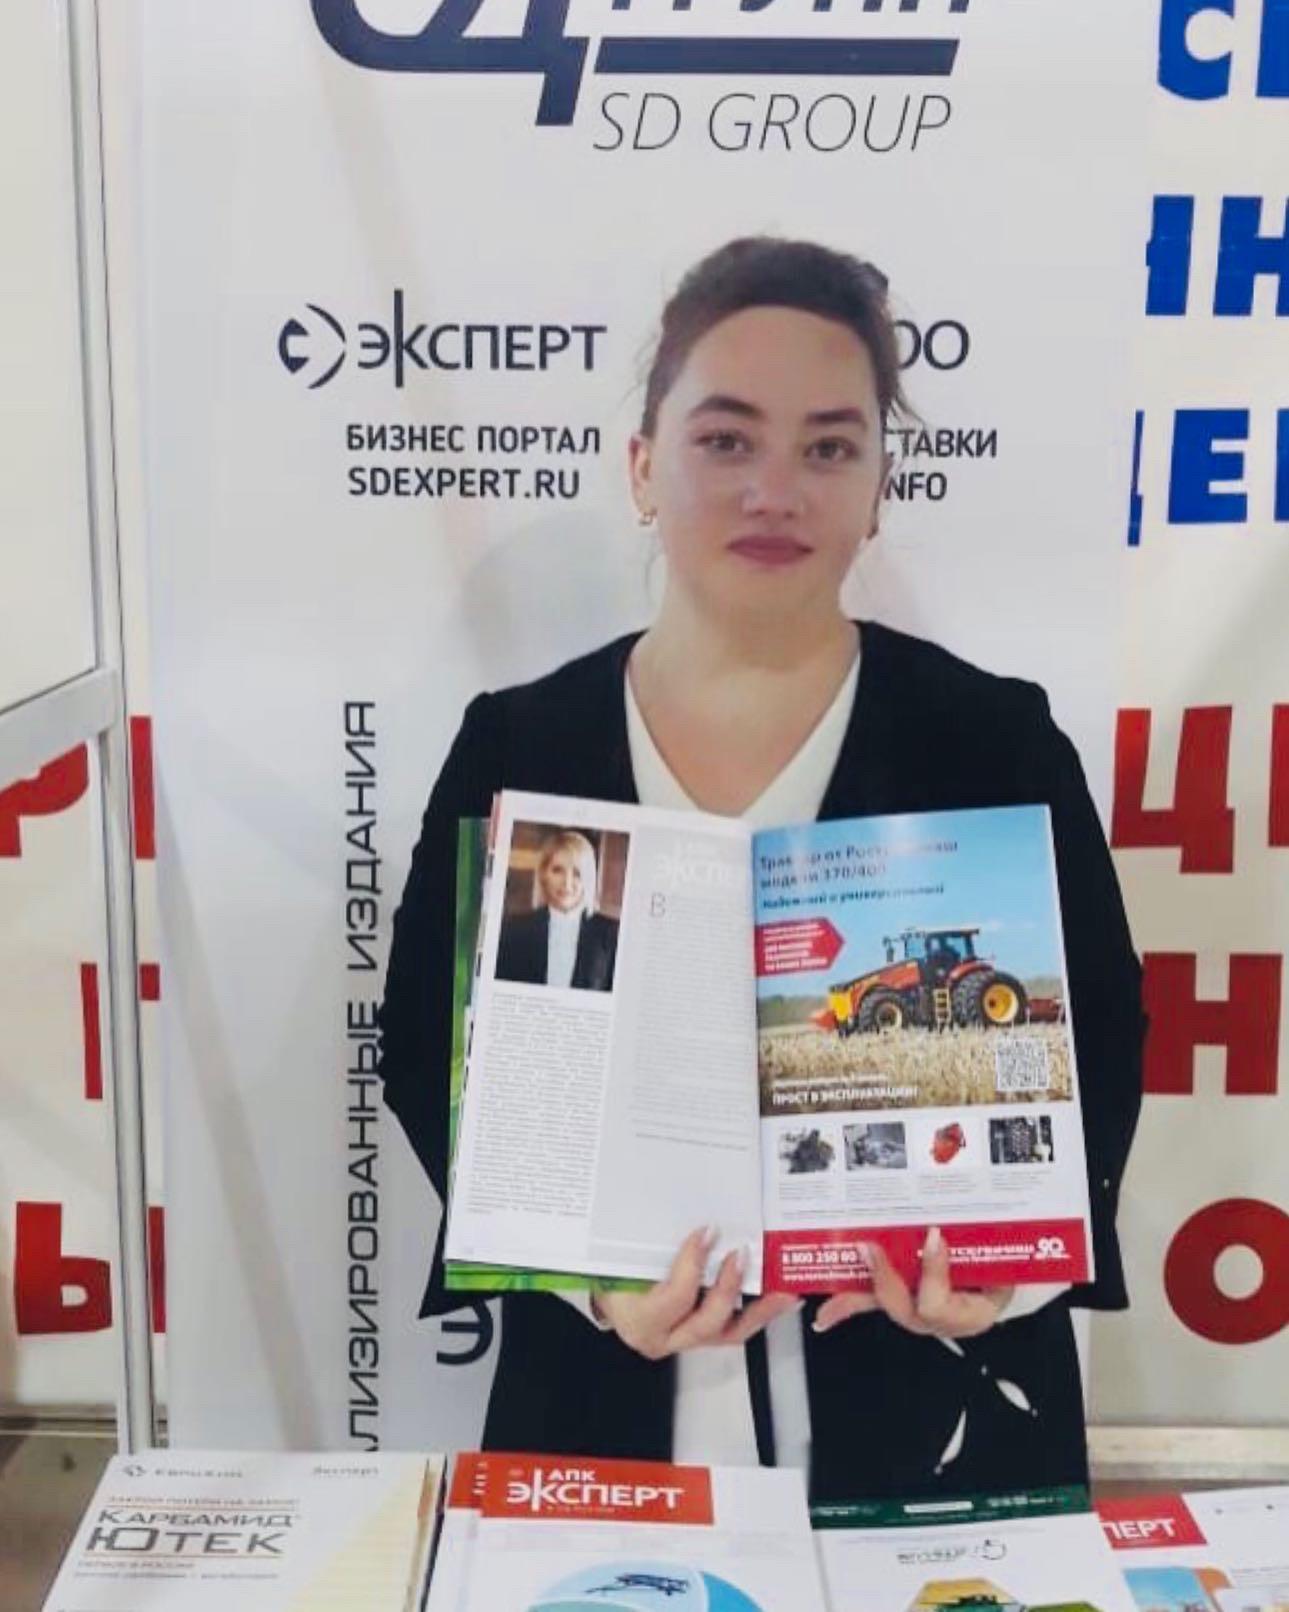 На прошлой неделе в Воронеже состоялась выставка «ВоронежАгро» и мы там тоже были. На выставке работала наш менеджер Елена Коцупатрий